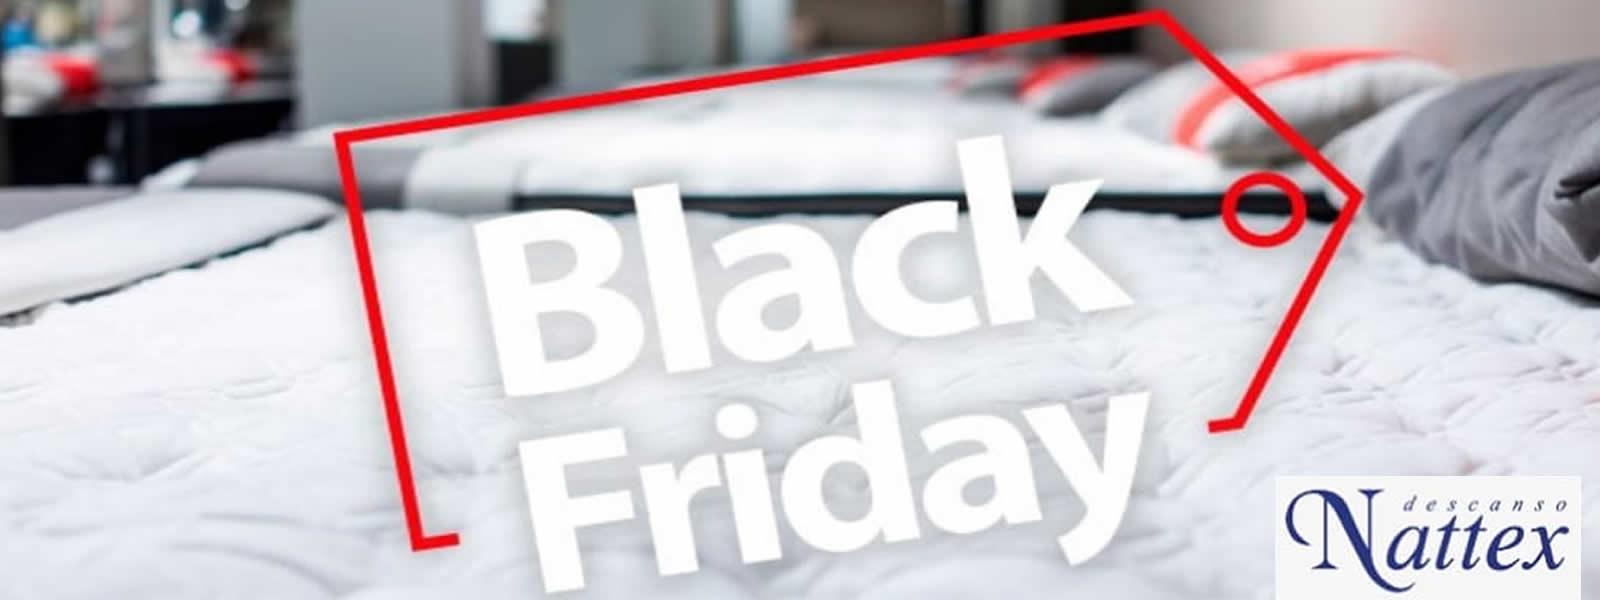 Black Friday de Colchones Nattex